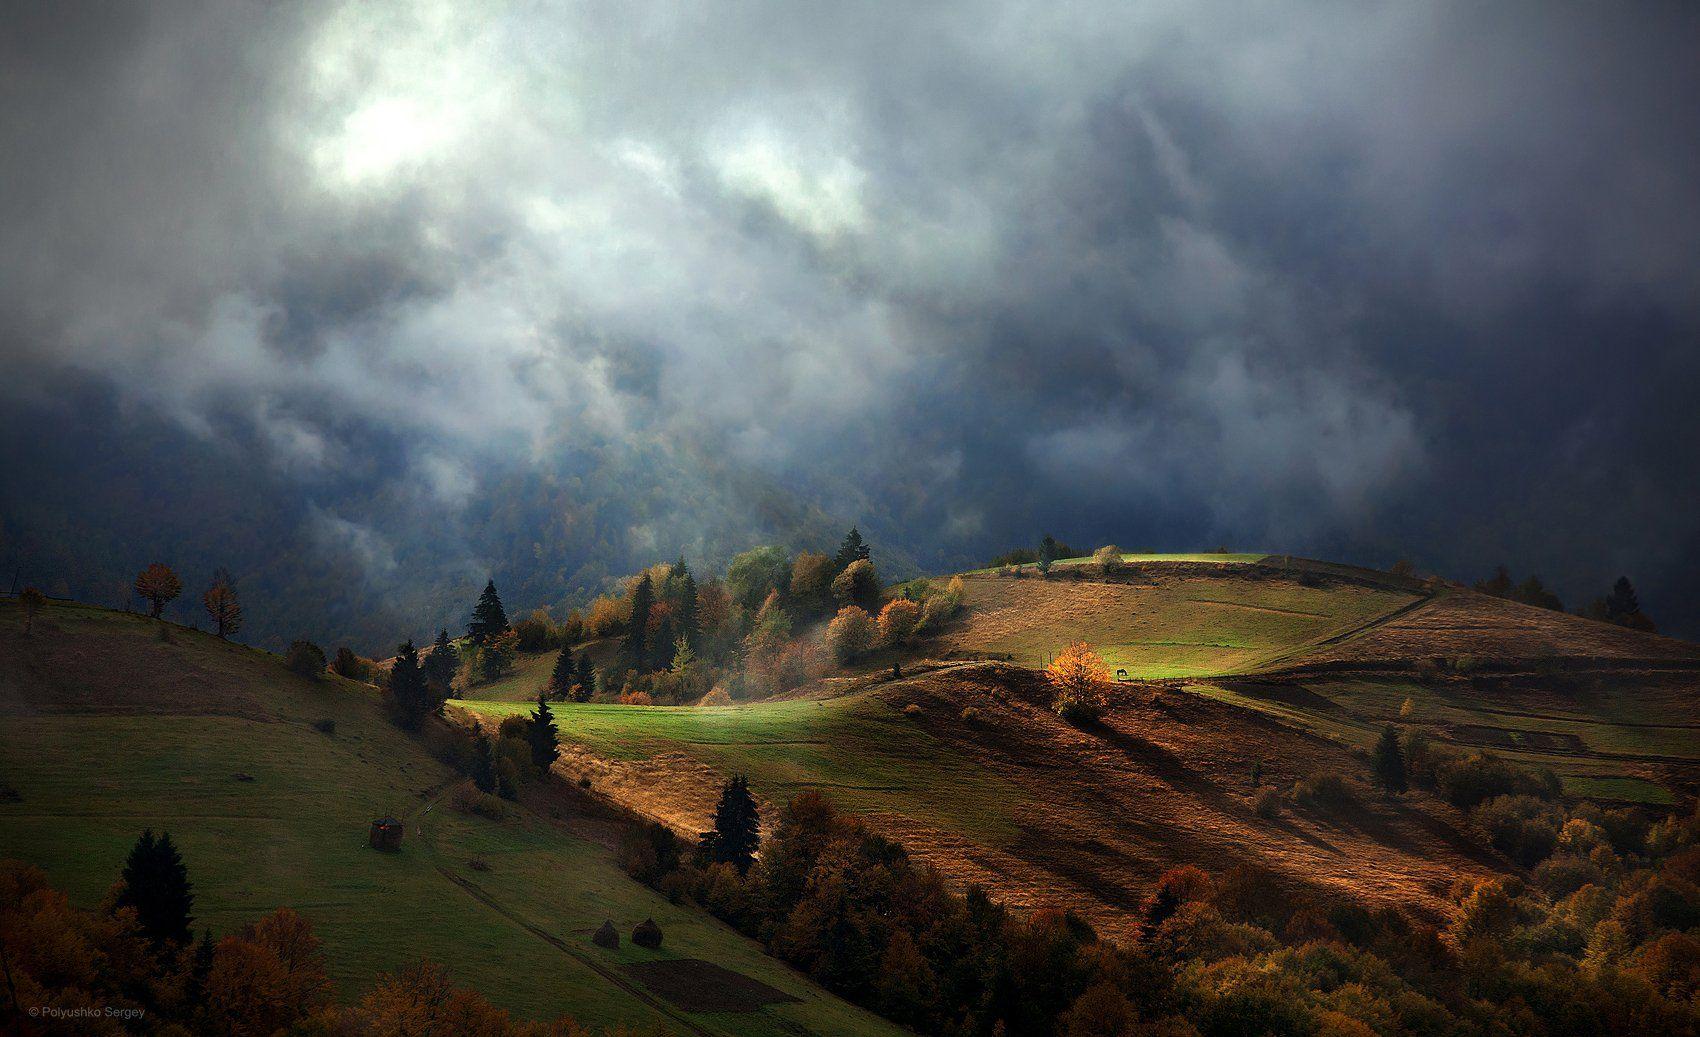 Карпаты, Осень, Полюшко Сергей